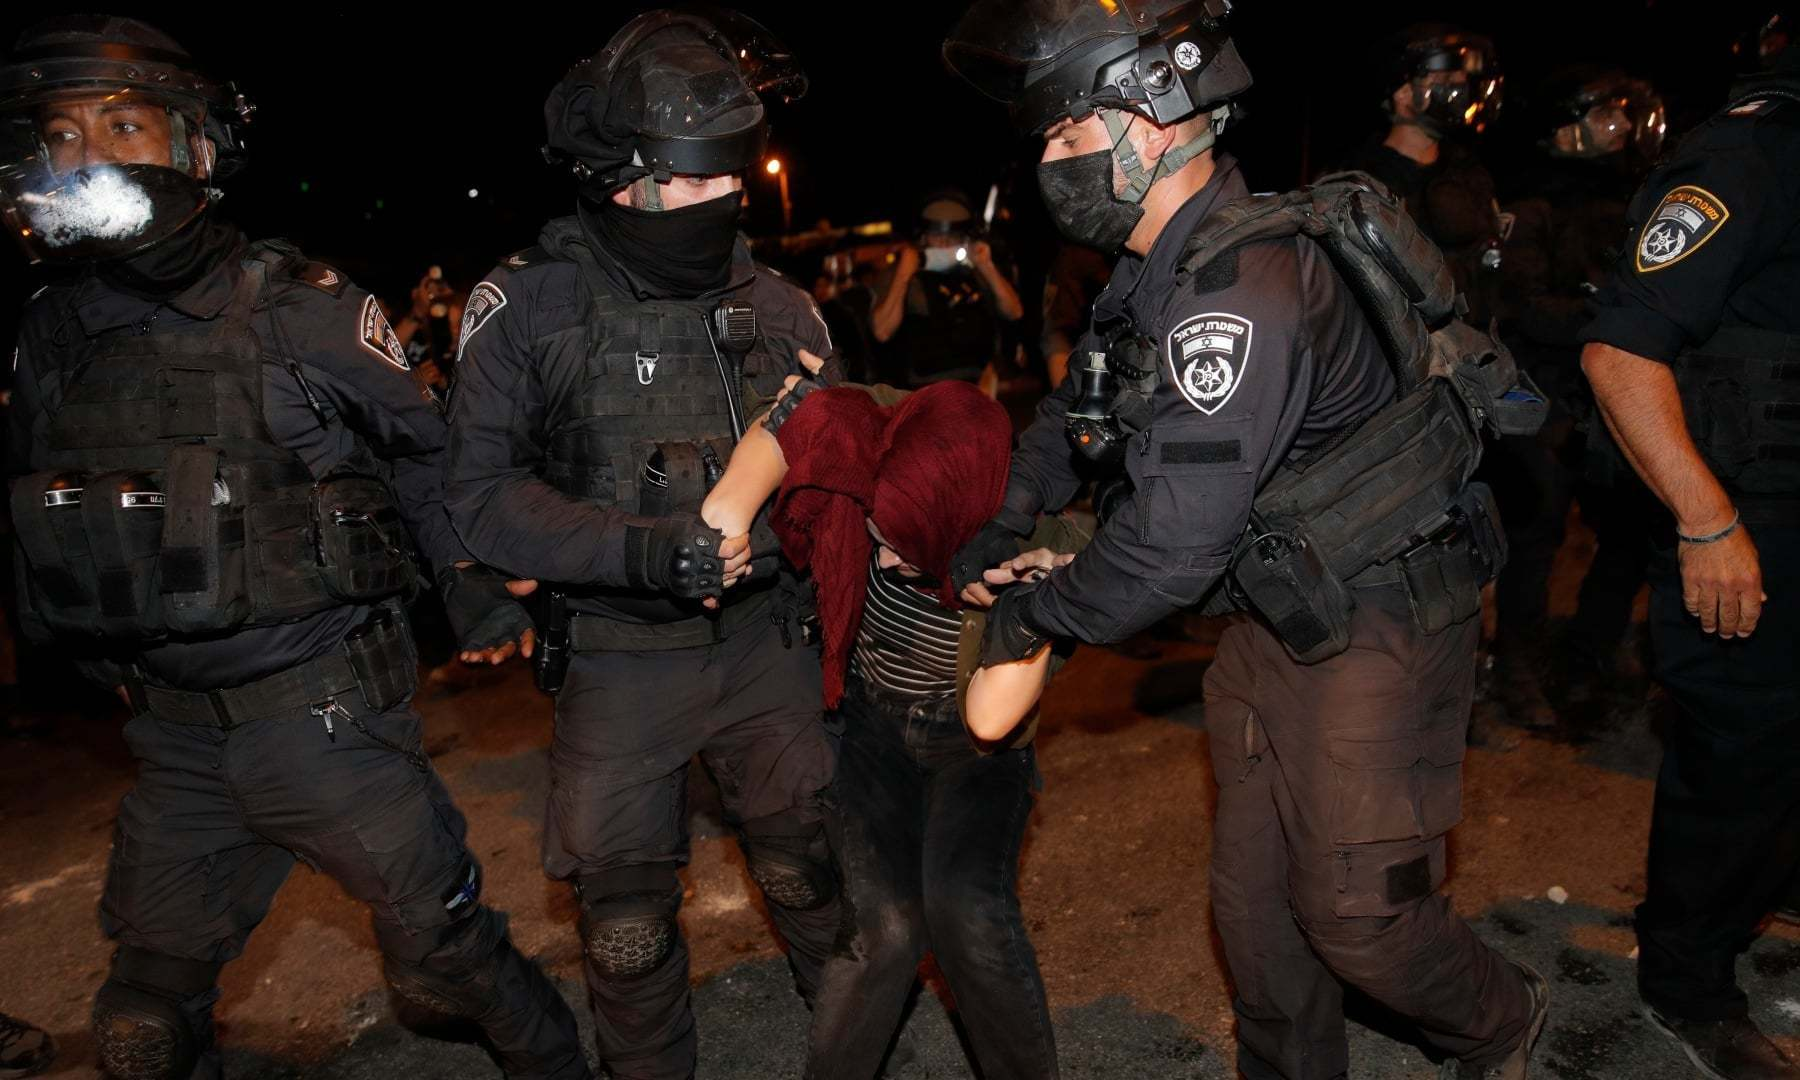 اسرائیلی فورسز نے فلسطینیوں پر وحشیانہ تشدد کیا—فوٹو: اے پی